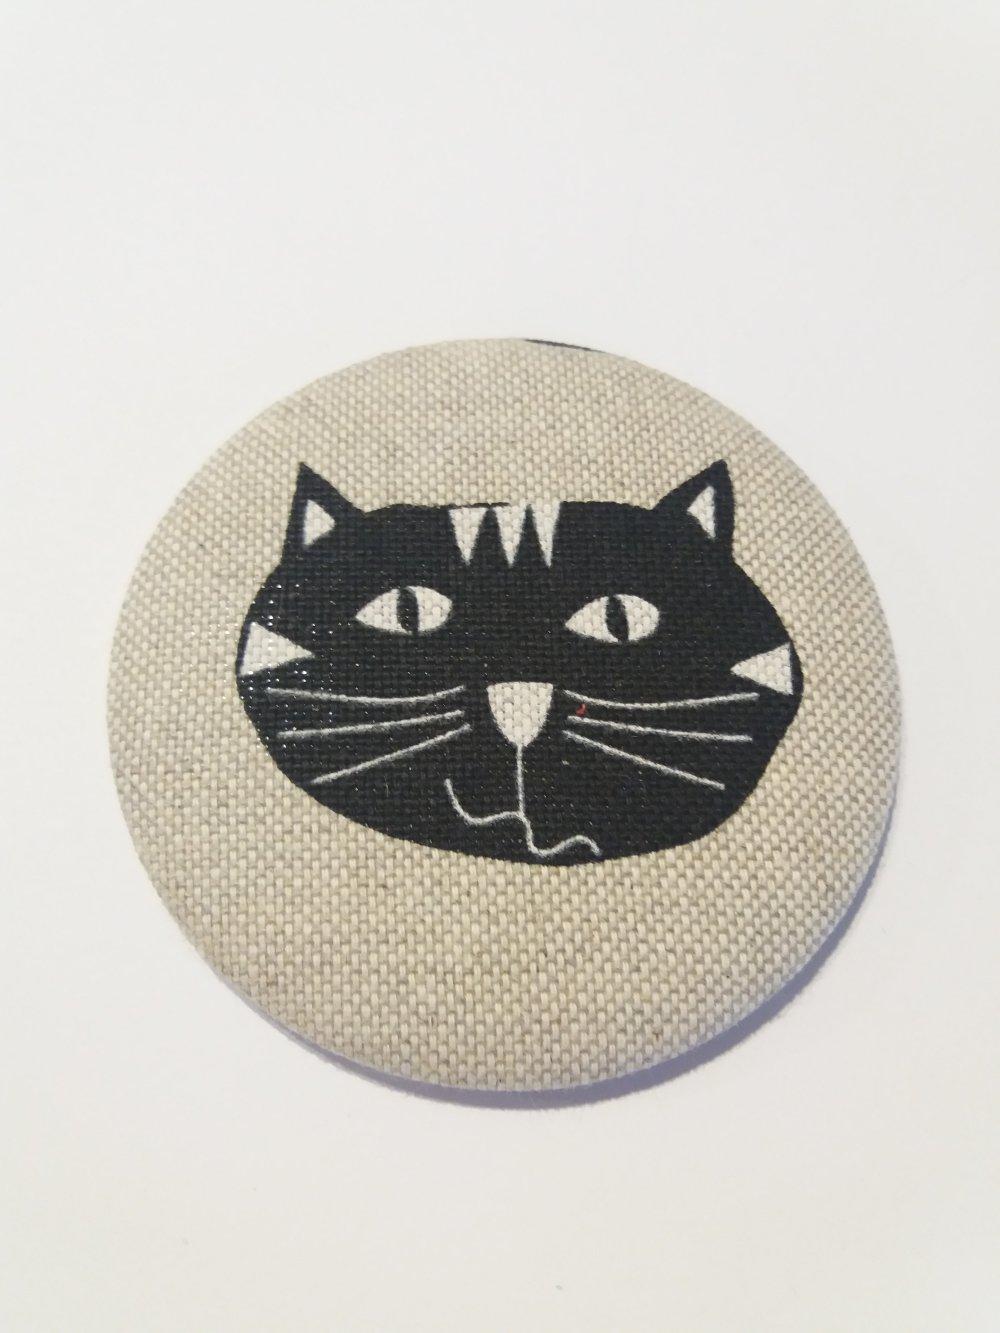 Miroir de sac décor tissus motif chat - Fait main